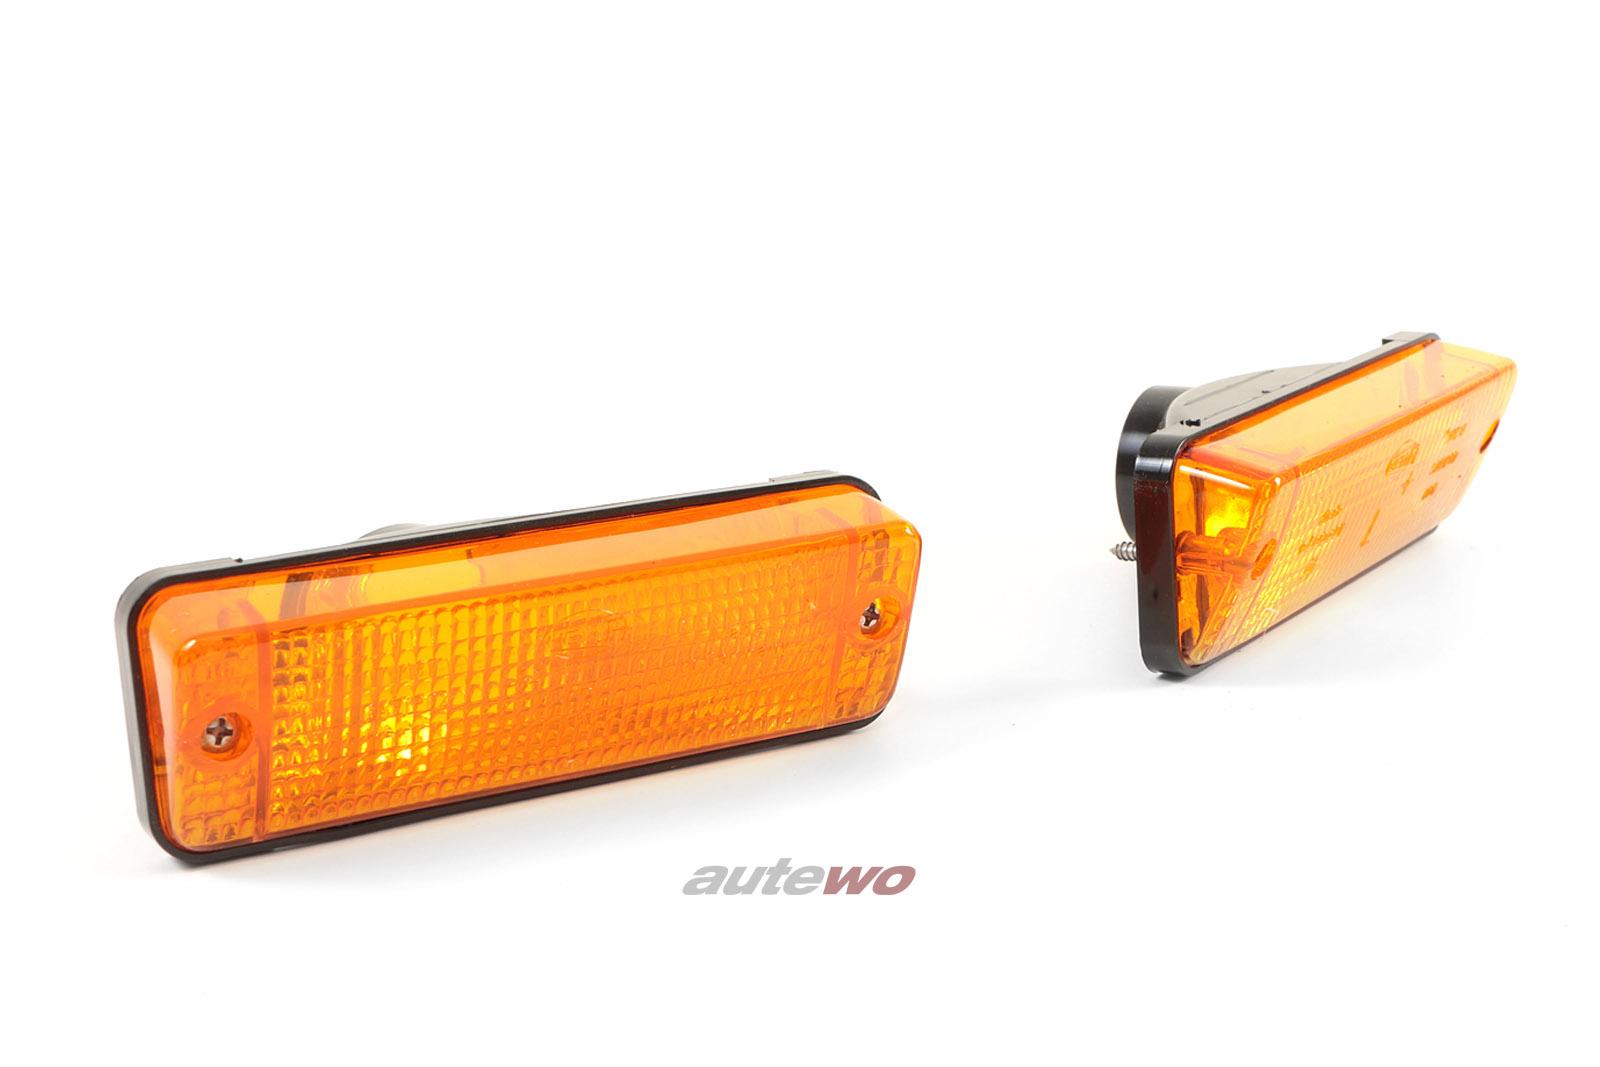 443953055/443953056 NEU Audi 200 20V Typ 44 Orig. Blinker Paar Vorne